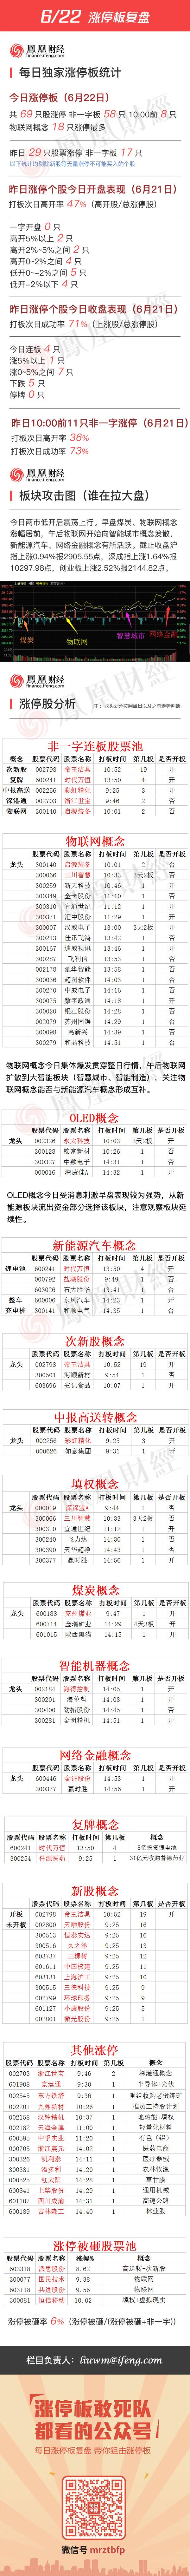 2016年6月22日涨停板复盘 - 小美 - xing1969wuw的博客